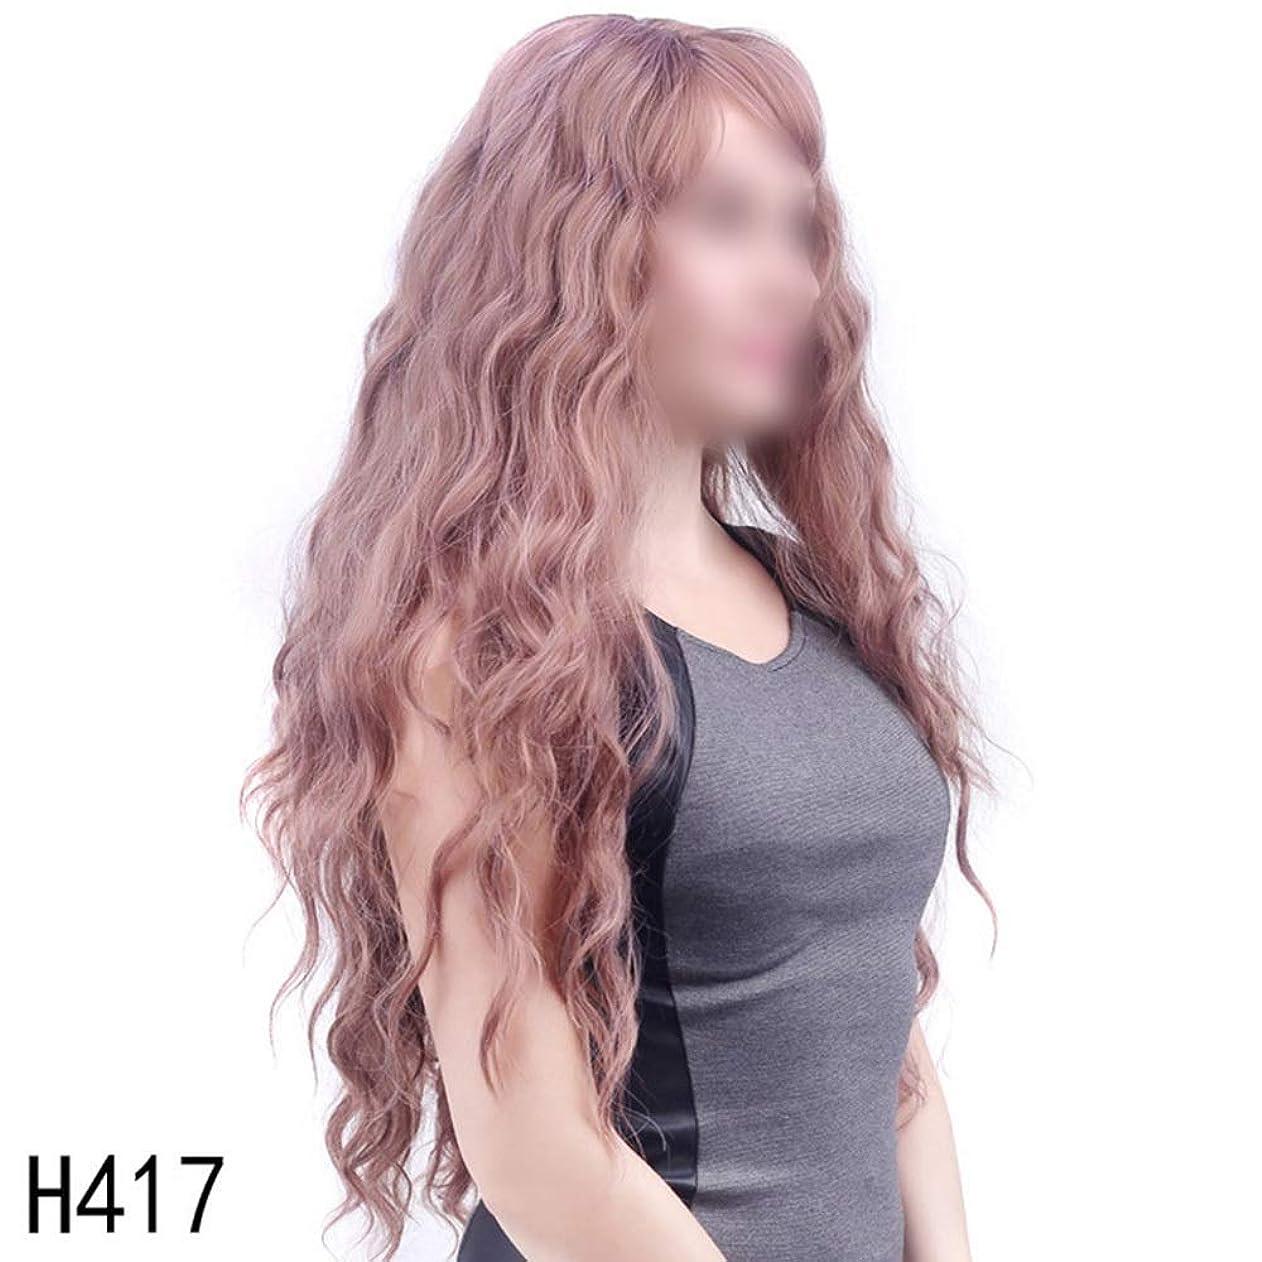 メダルソーストランジスタHOHYLLYA 女性の水の波紋との長い巻き毛の前髪かつら自然なふわふわの毎日のドレスパーティーかつら (色 : 淡い茶色, サイズ : 70cm)